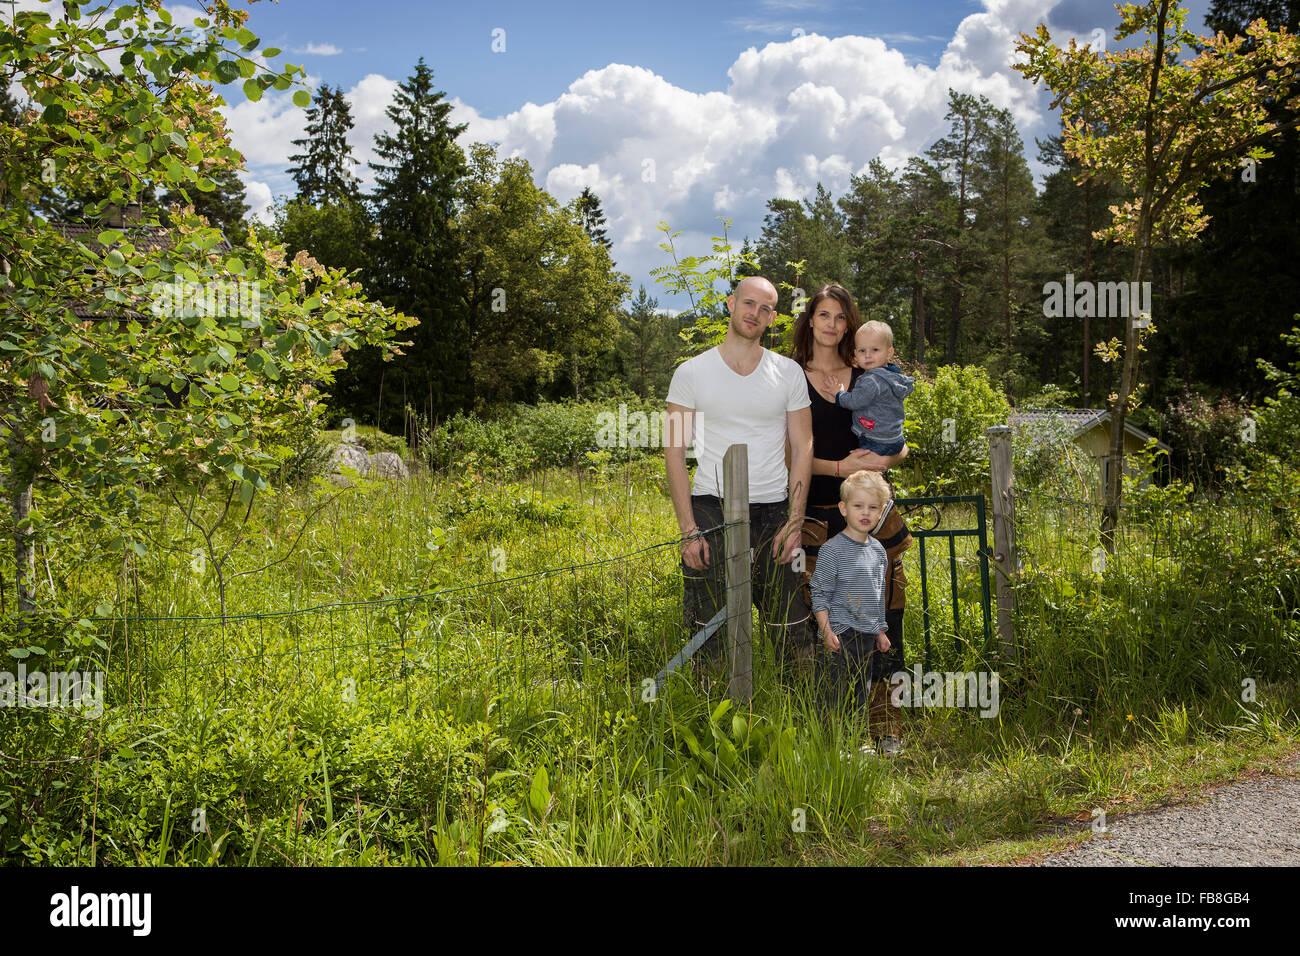 La Suède, Stockholm, Uppland, Nacka, famille avec deux enfants (18 à 23 mois, 4-5) au milieu d'une Photo Stock